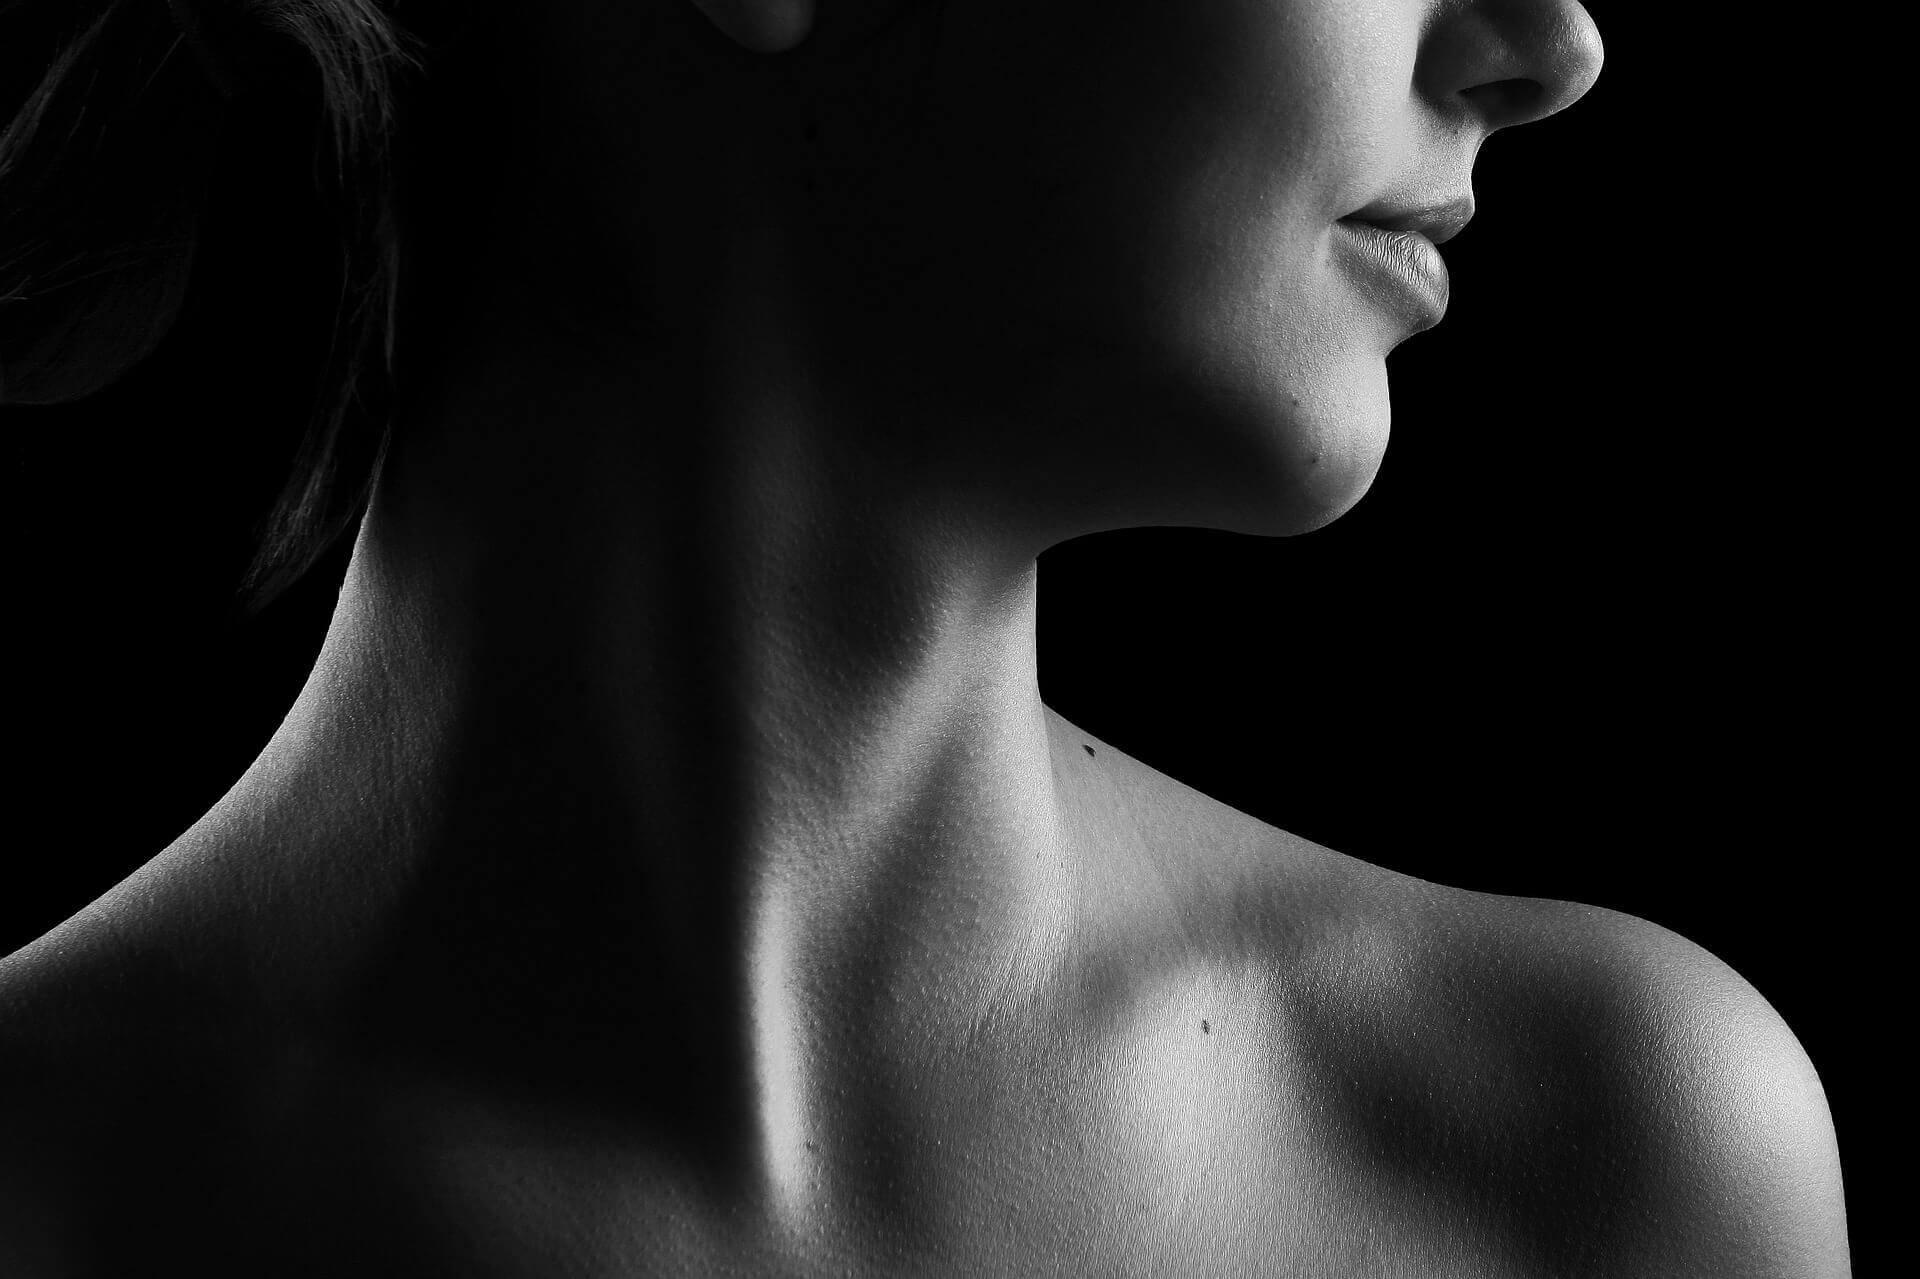 Halsschmerzen können bei manchen Dampfern auftreten, diese müssen aber nicht sein.